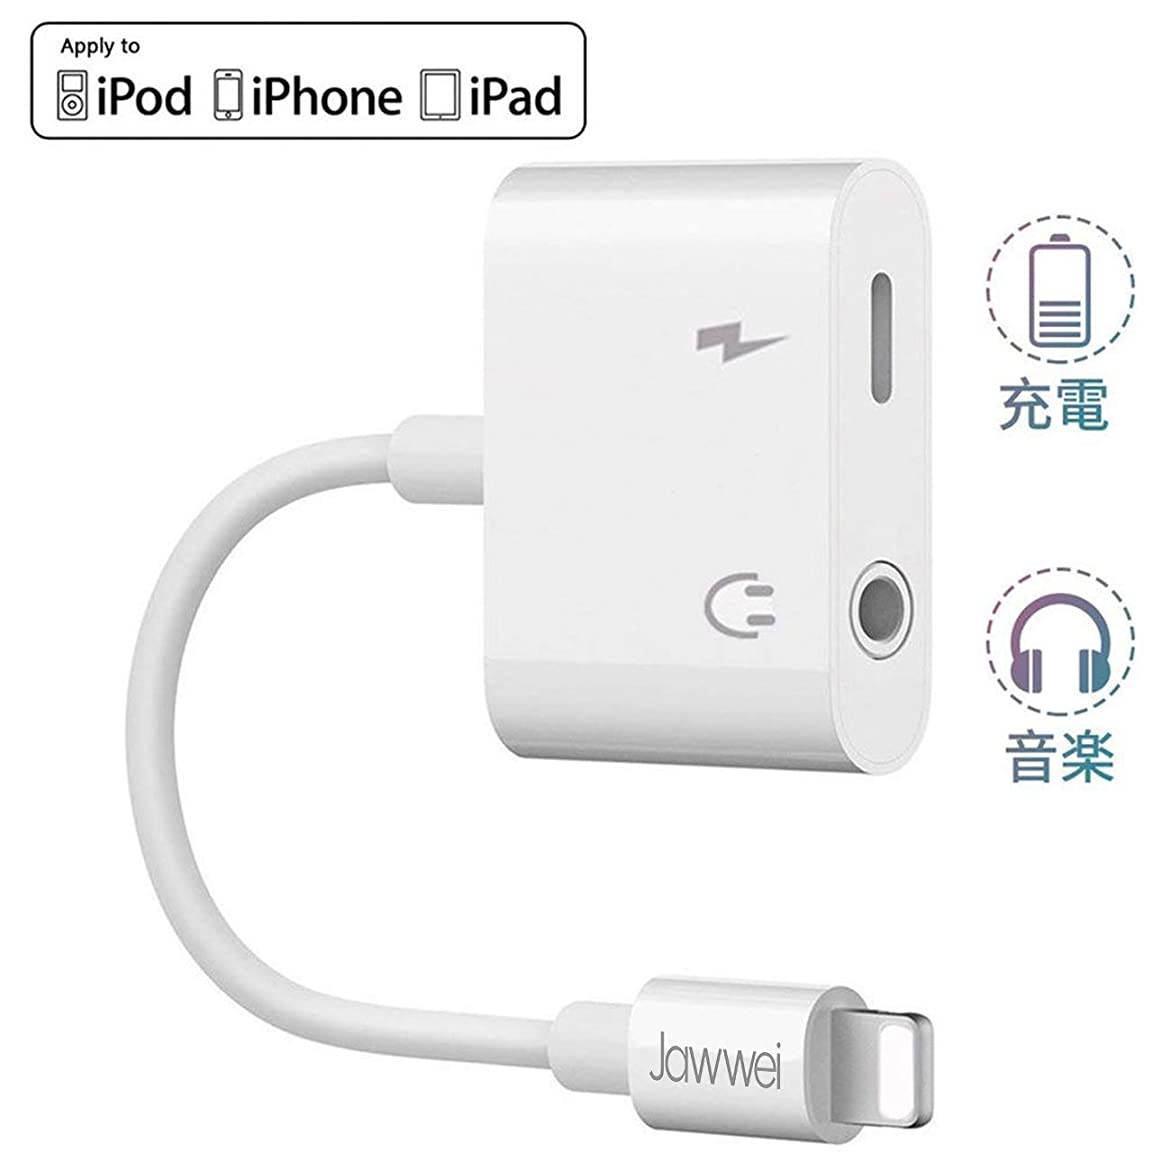 未満ボンド試験【令和音質強化バージョン】Jawwei iphone Lightning 3.5mm イヤホン 変換アダプタ ライトニング アダプター 急速充電 変換ケーブル 2in1 音楽再生 iPhone 7 / 7 Plus / 8 / 8Plus / X/XS/XS Max/XR /11/11Pro/11Pro Max【 iOS11 iOS12 iOS13】 に対応